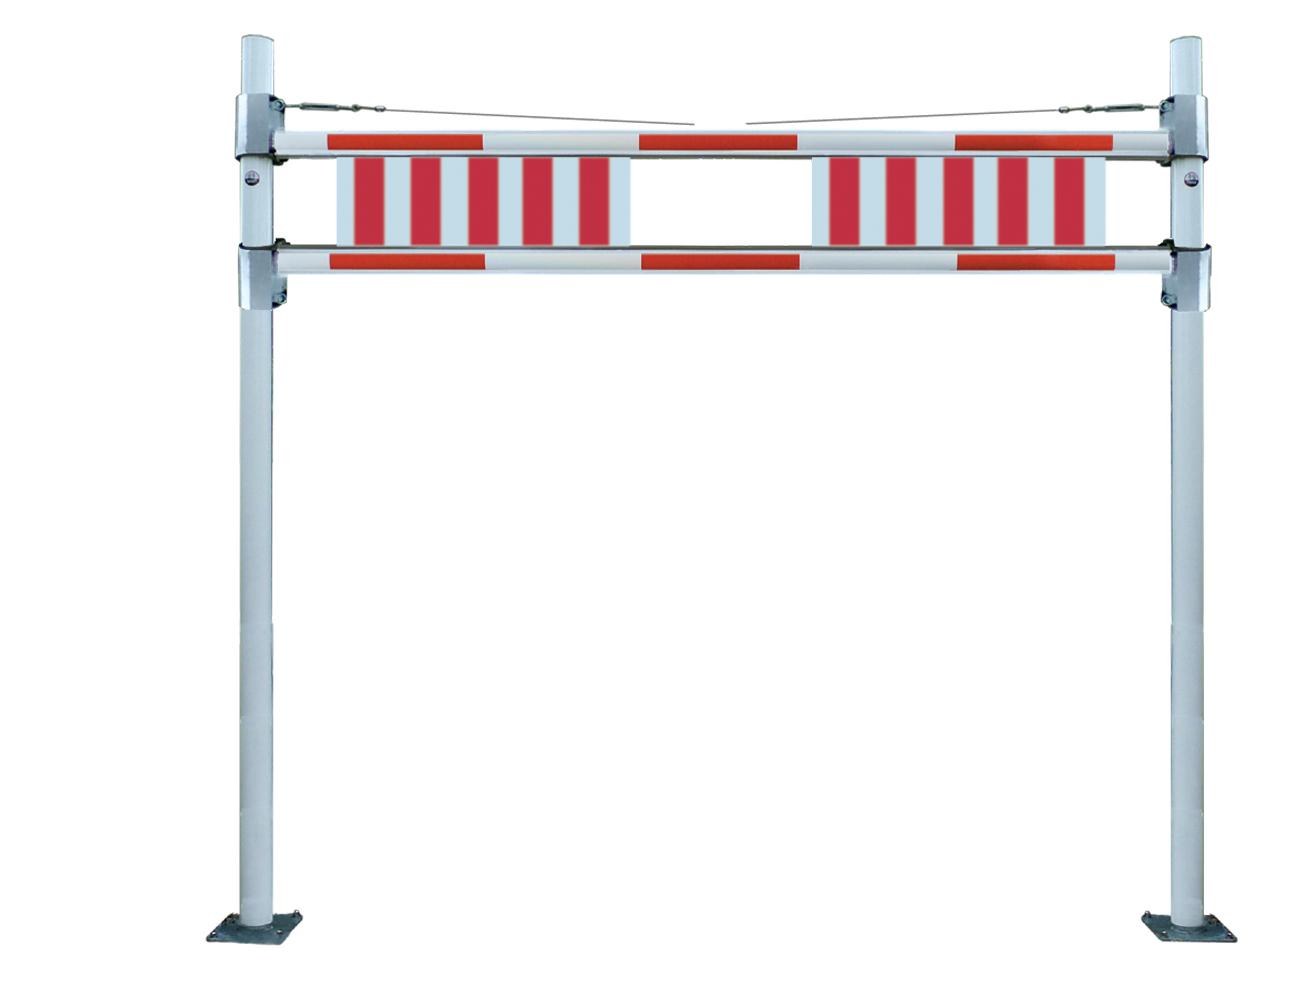 Höhenbegrenzung starr und verstellbar bis 3,8 m